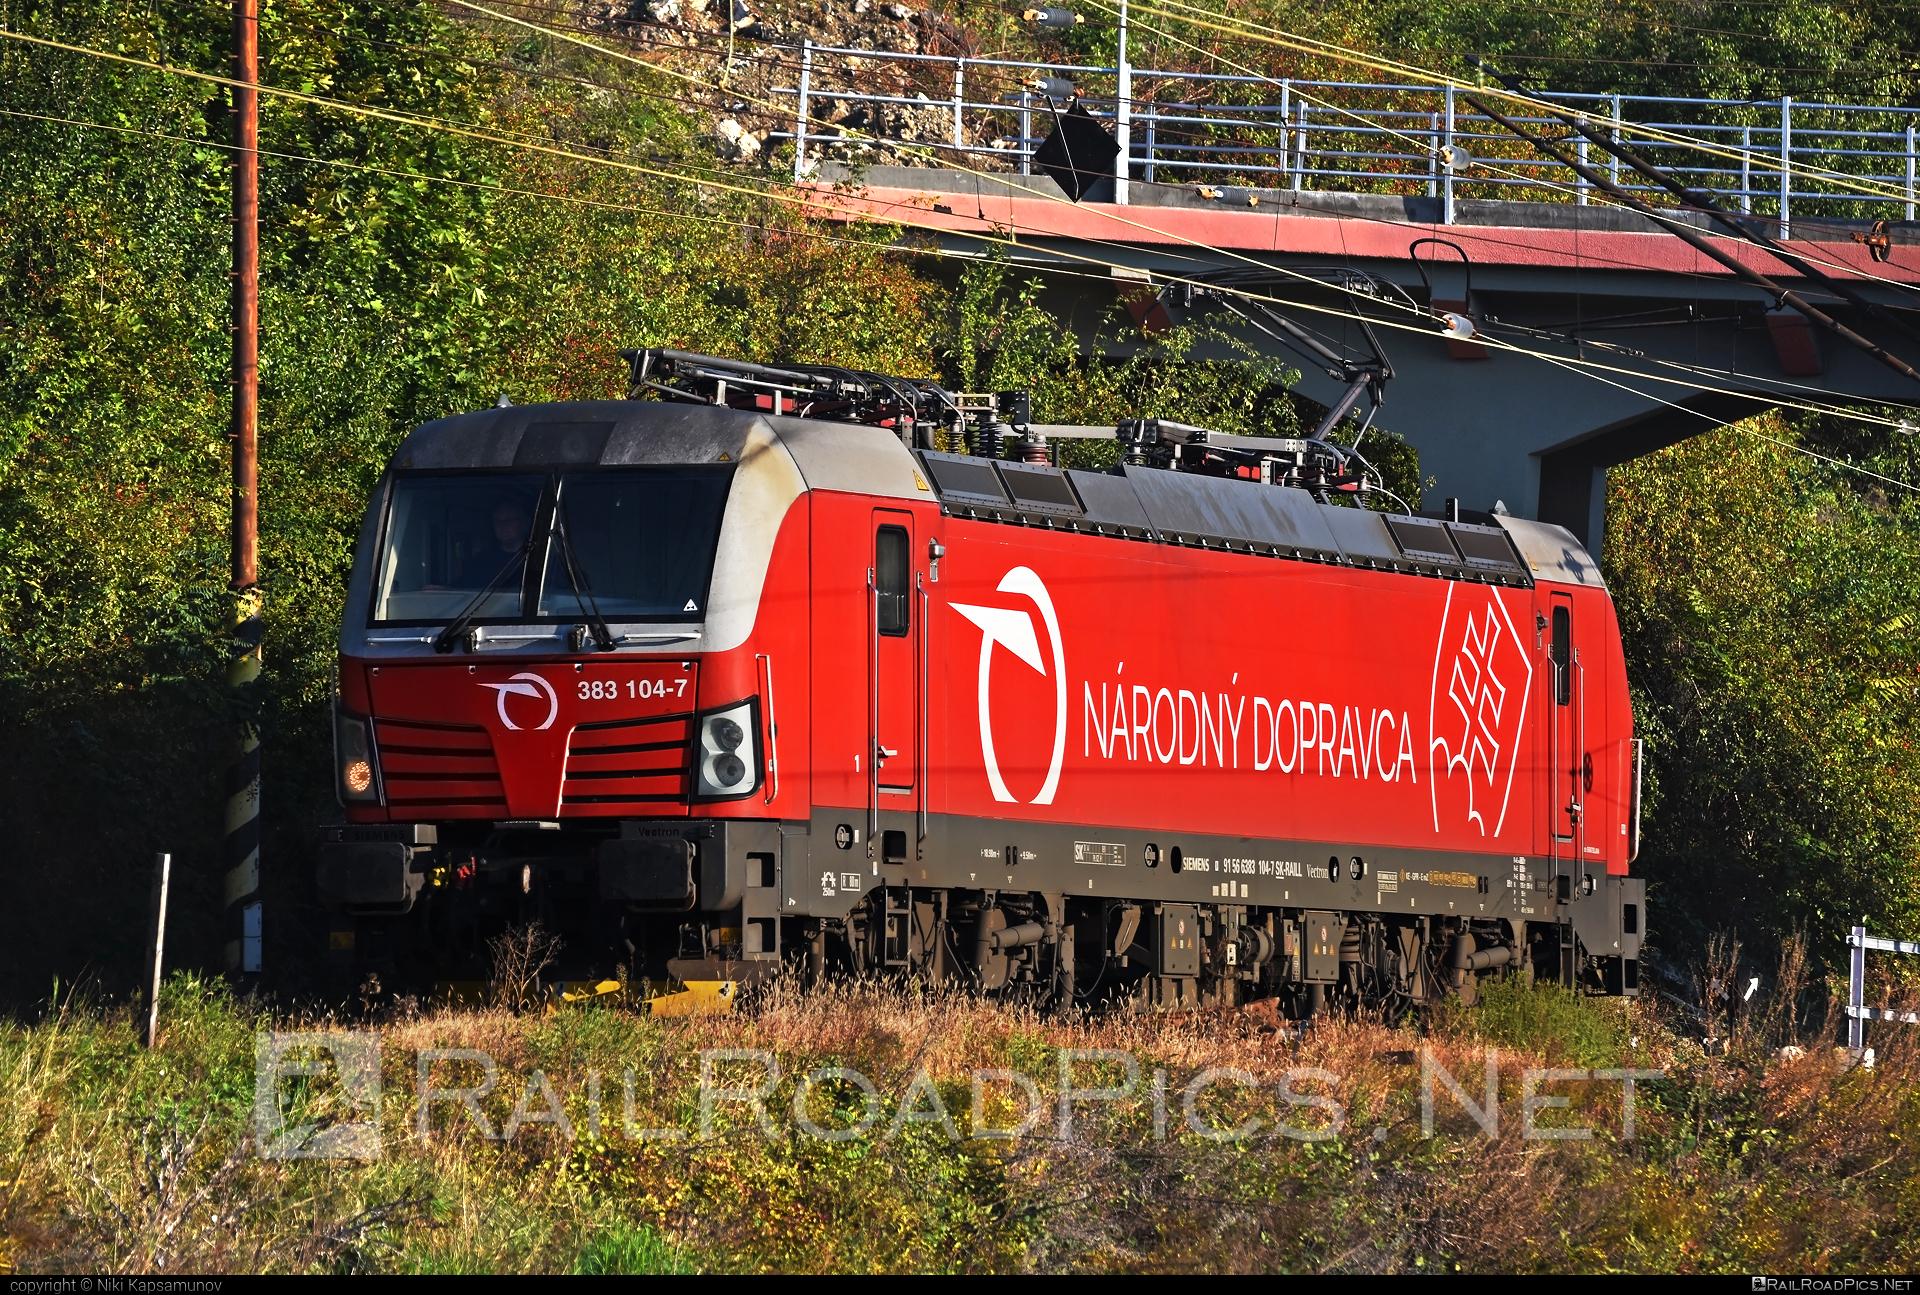 Siemens Vectron MS - 383 104-7 operated by Železničná Spoločnost' Slovensko, a.s. #SRailLease #SRailLeaseSro #ZeleznicnaSpolocnostSlovensko #raill #siemens #siemensvectron #siemensvectronms #vectron #vectronms #zssk